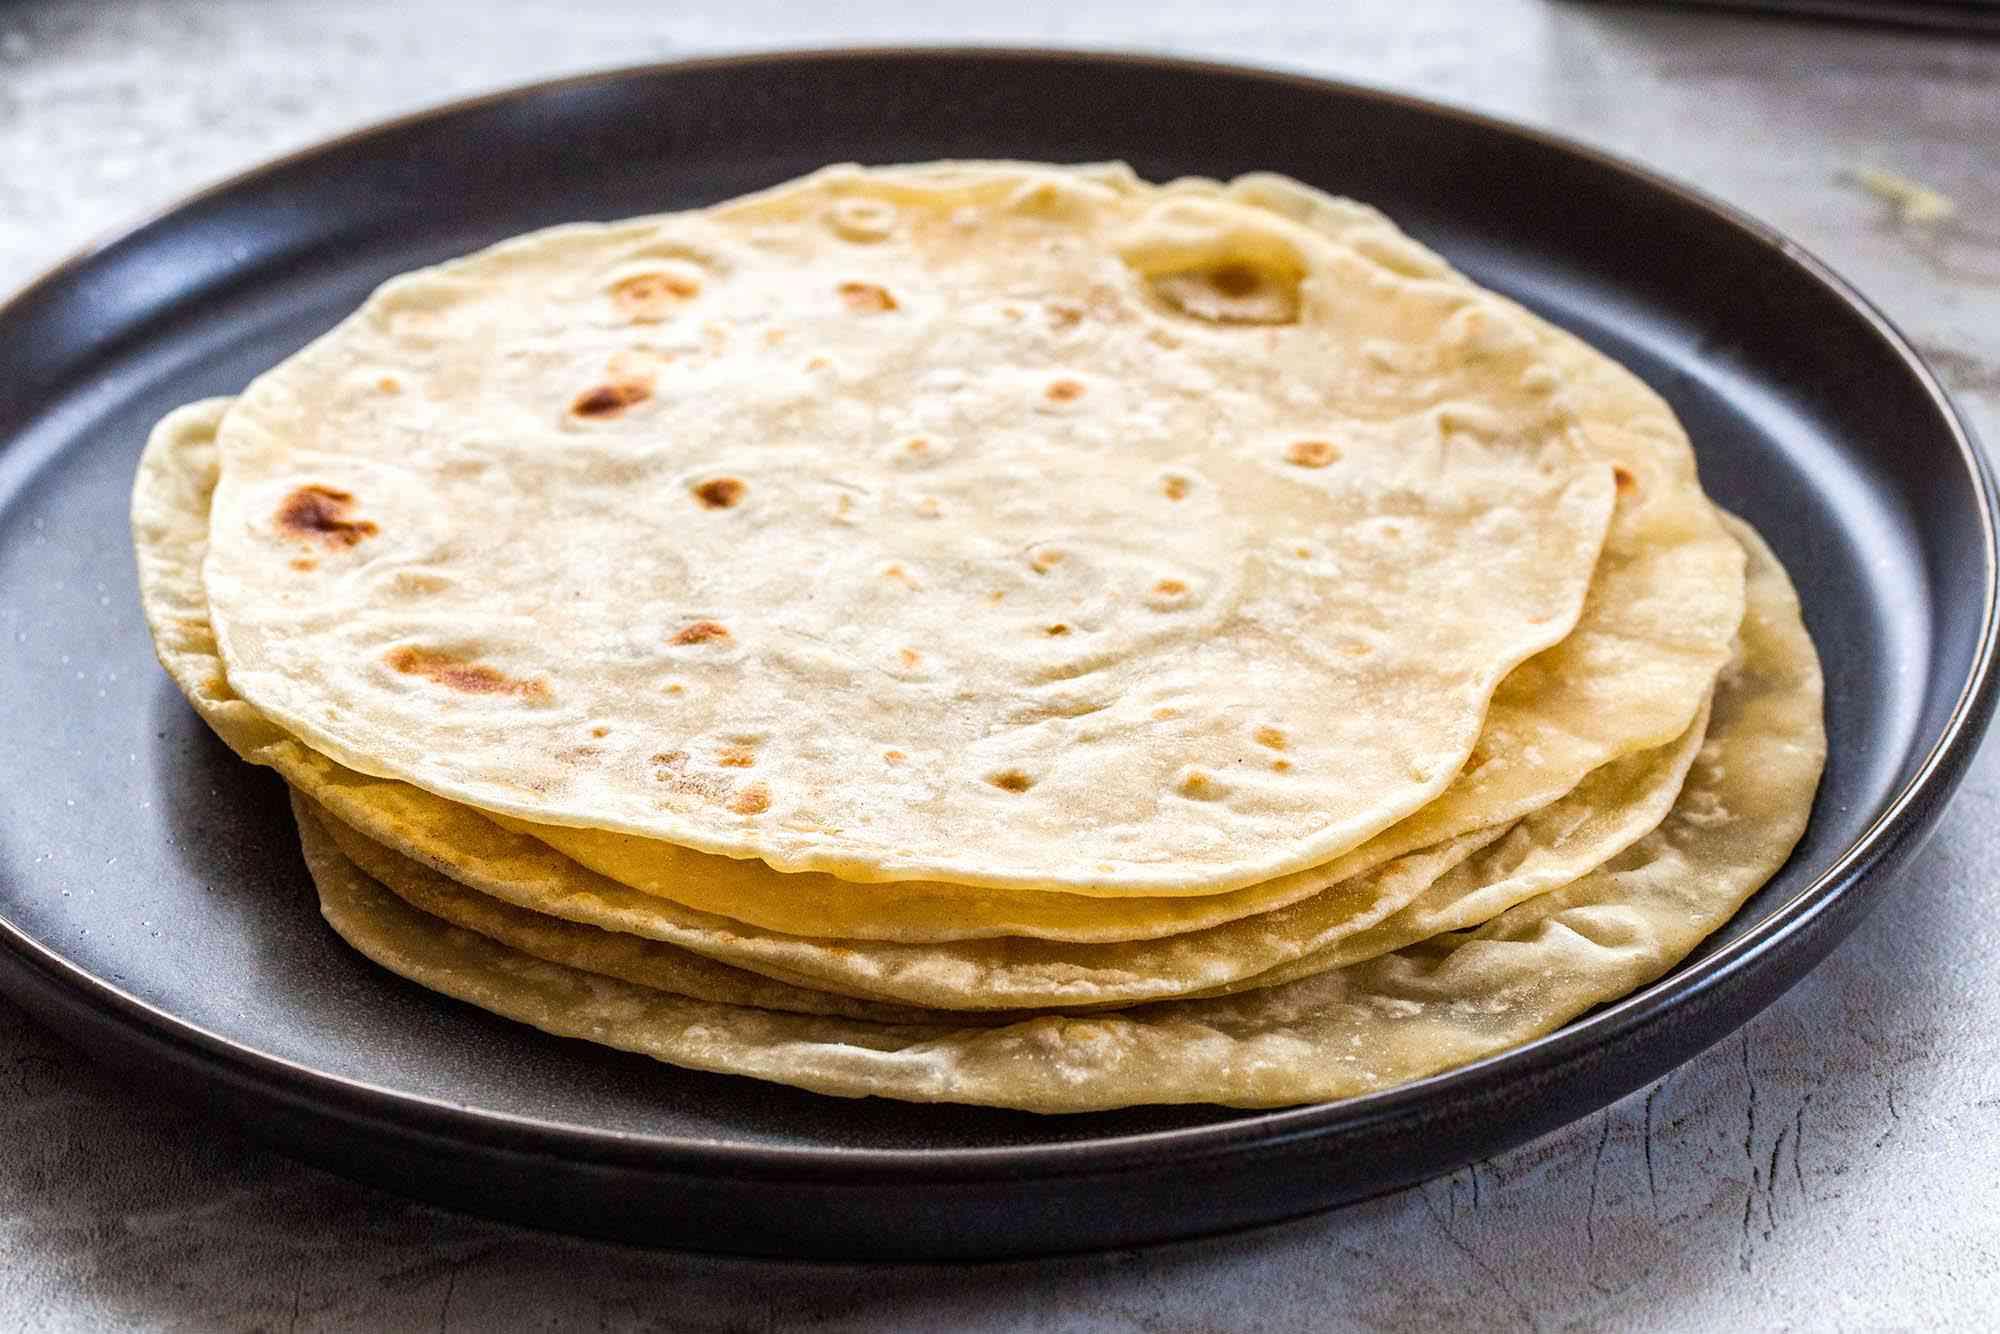 Homemade flour tortillas on a platter.